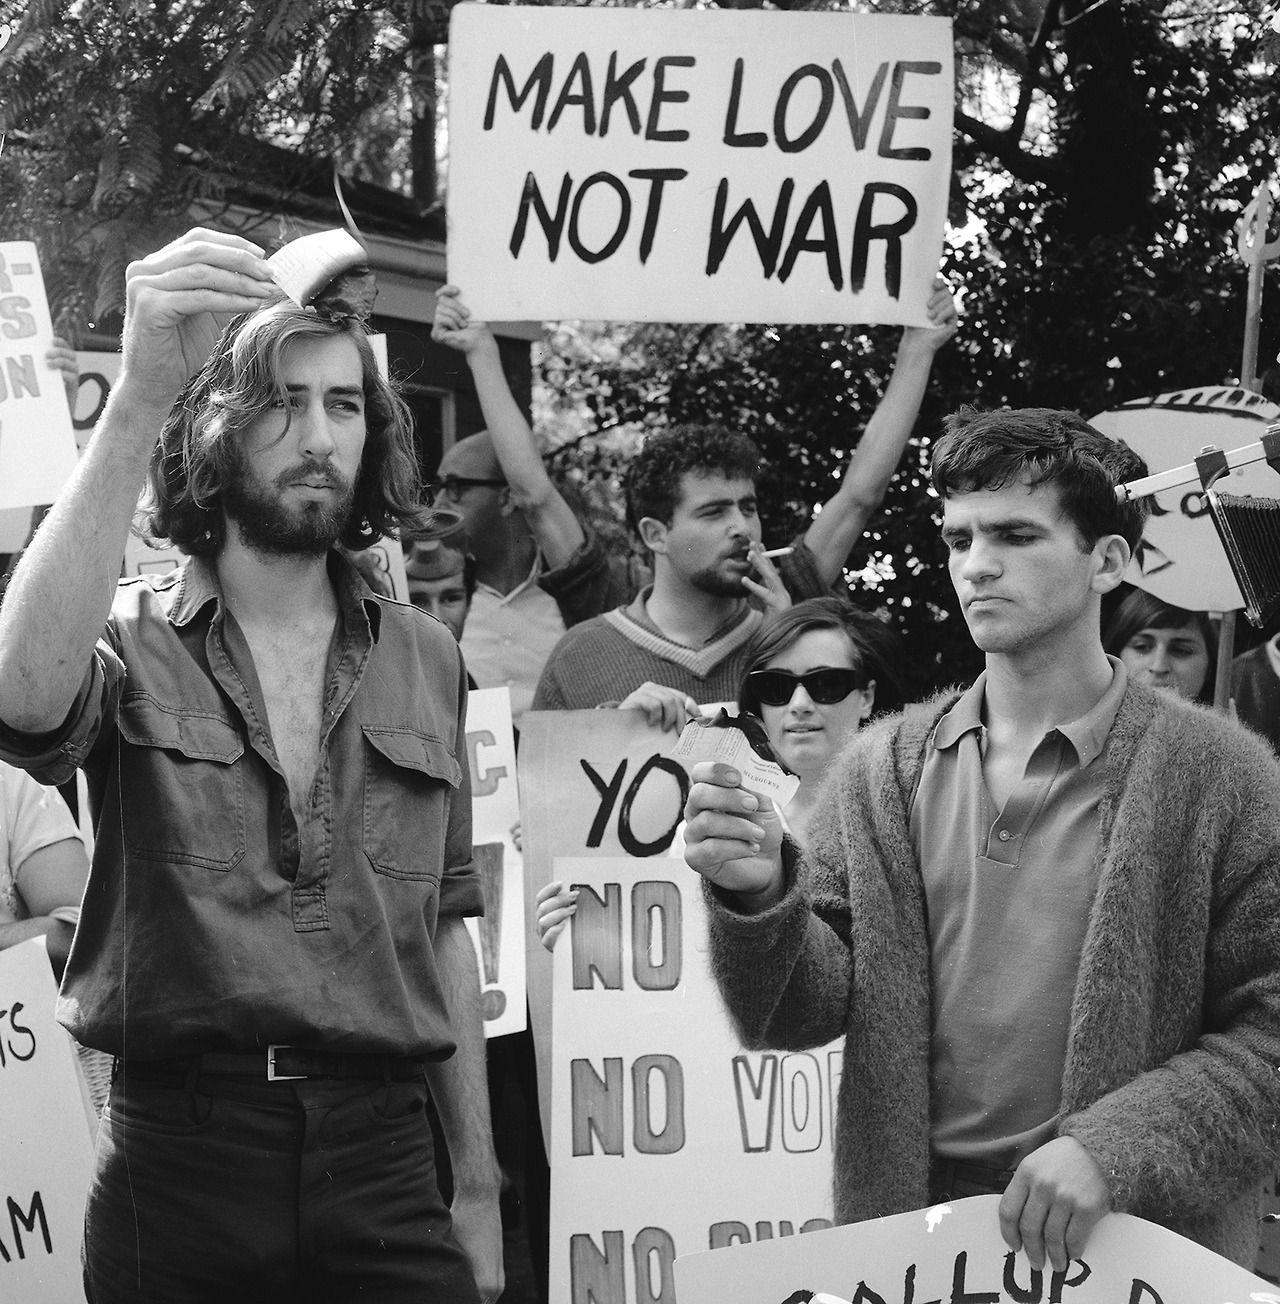 Anti-war protest | Hippie movement, Vietnam war, Hippie culture